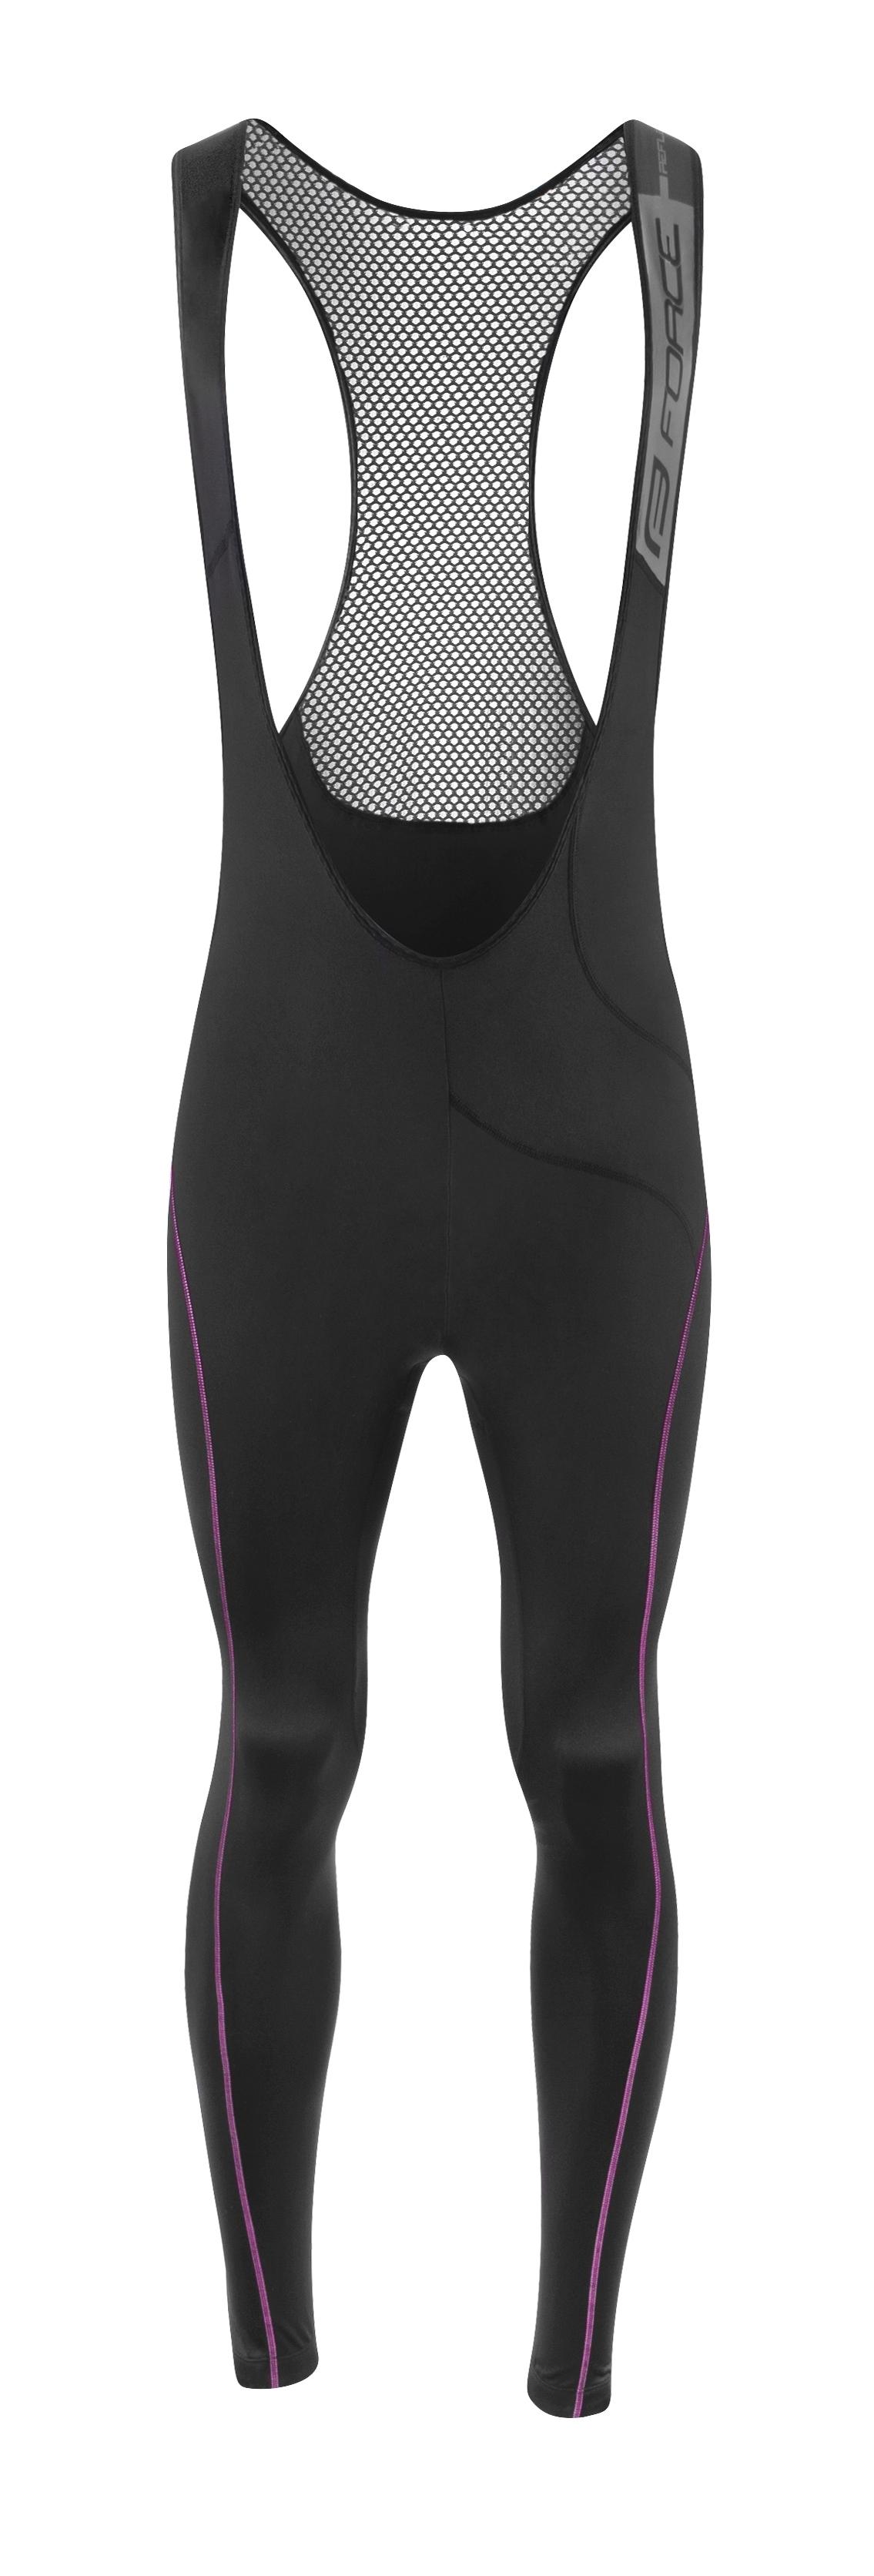 kalhoty FORCE REFLEX LINE LADY bez vložky, černé XL